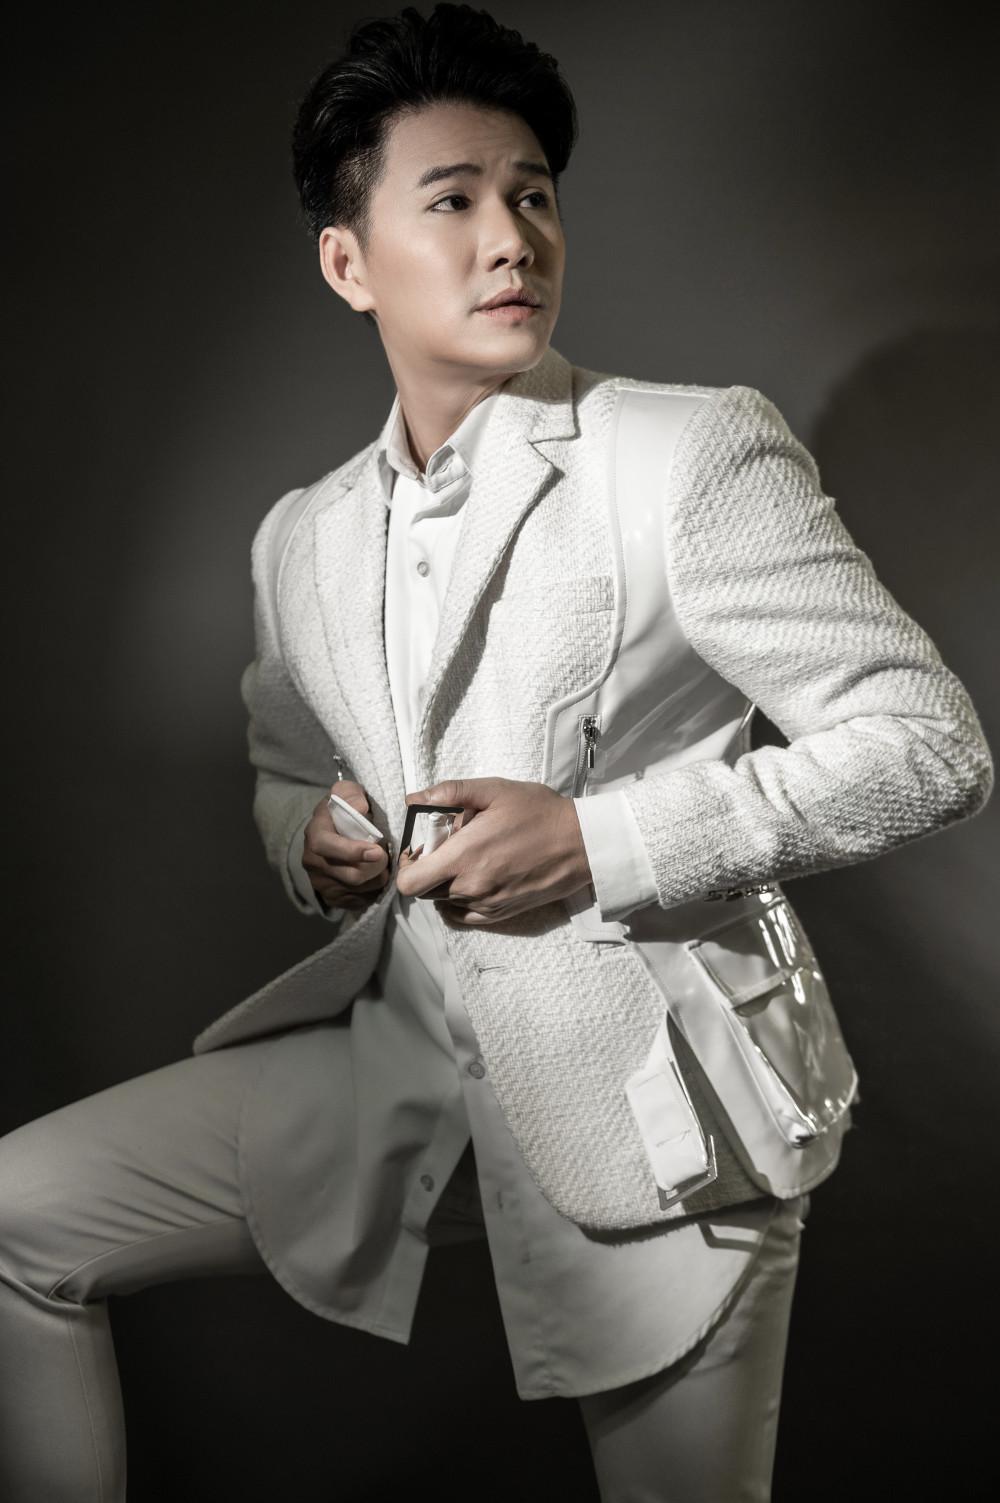 Khi tham gia các sự kiện hay đảm nhận vị trí dẫn chương trình, Vũ Mạnh Cường thường lựa chọn những mẫu vest truyền thống. Với anh khi khoác lên mình trang phục vest giúp anh cảm thấy tự tin, thoải mái trong việc thể hiện cá tính.